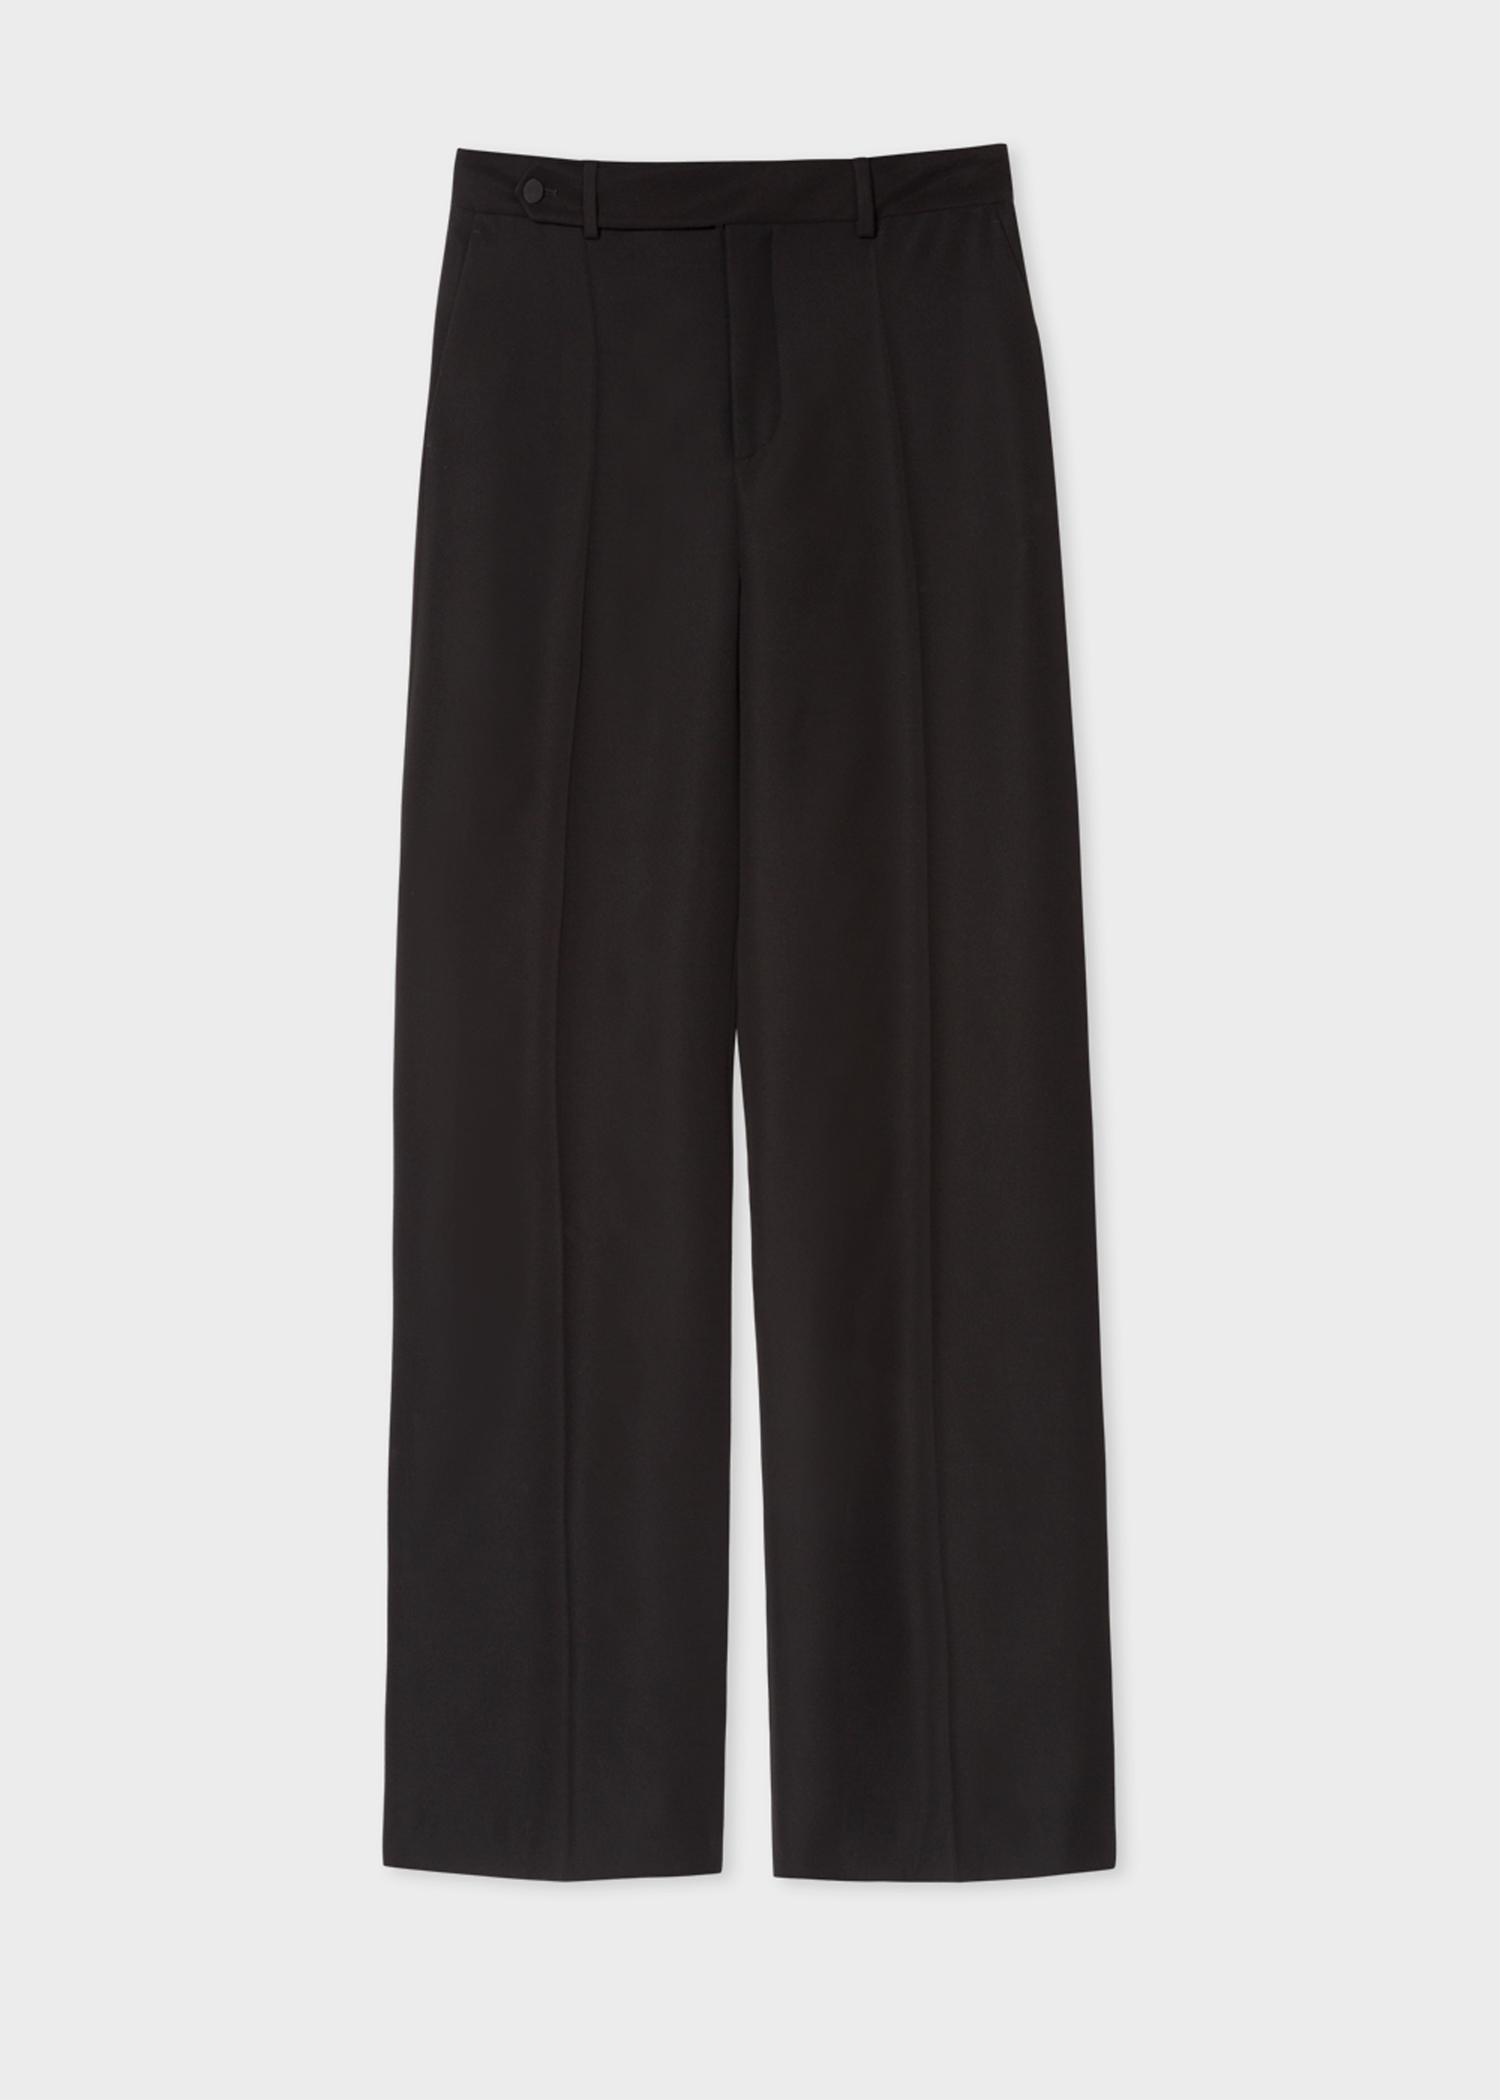 Women S Black Wide Leg Trousers Paul Smith Europe